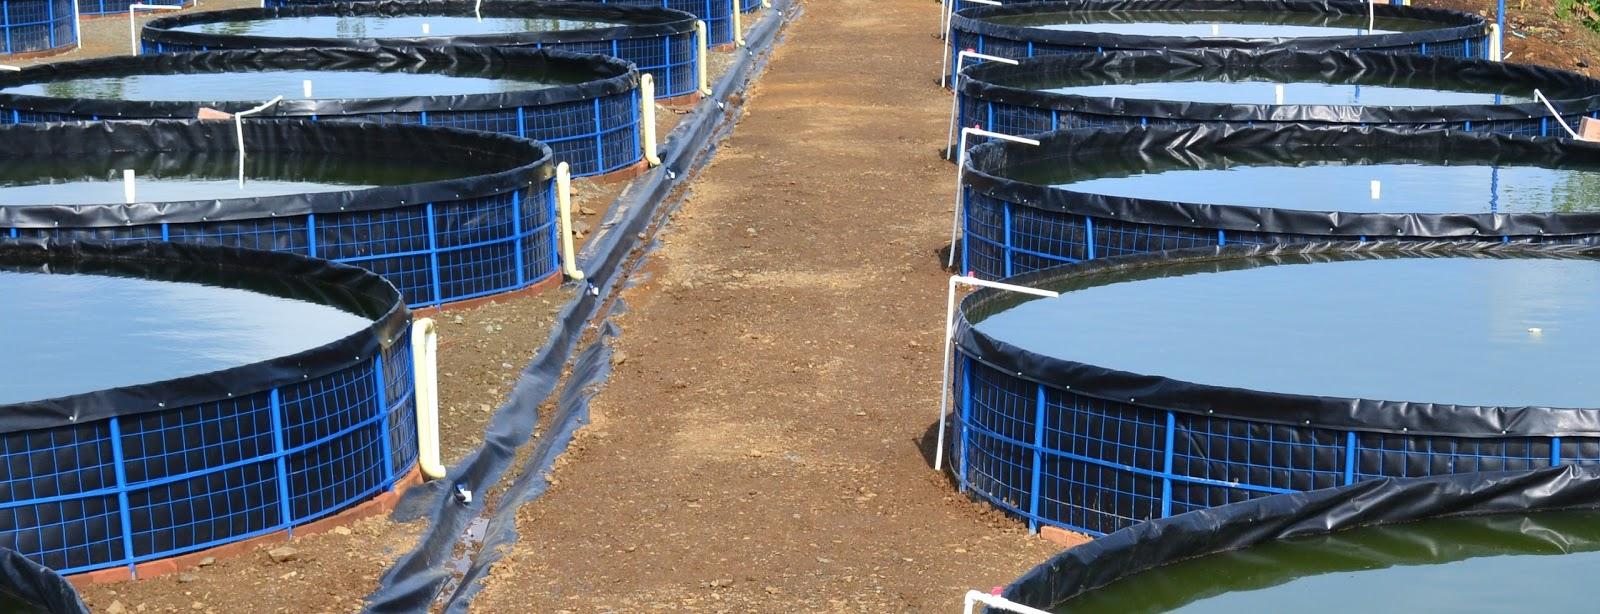 asesoria y estanques para cultivo de tilapia mojarra roja